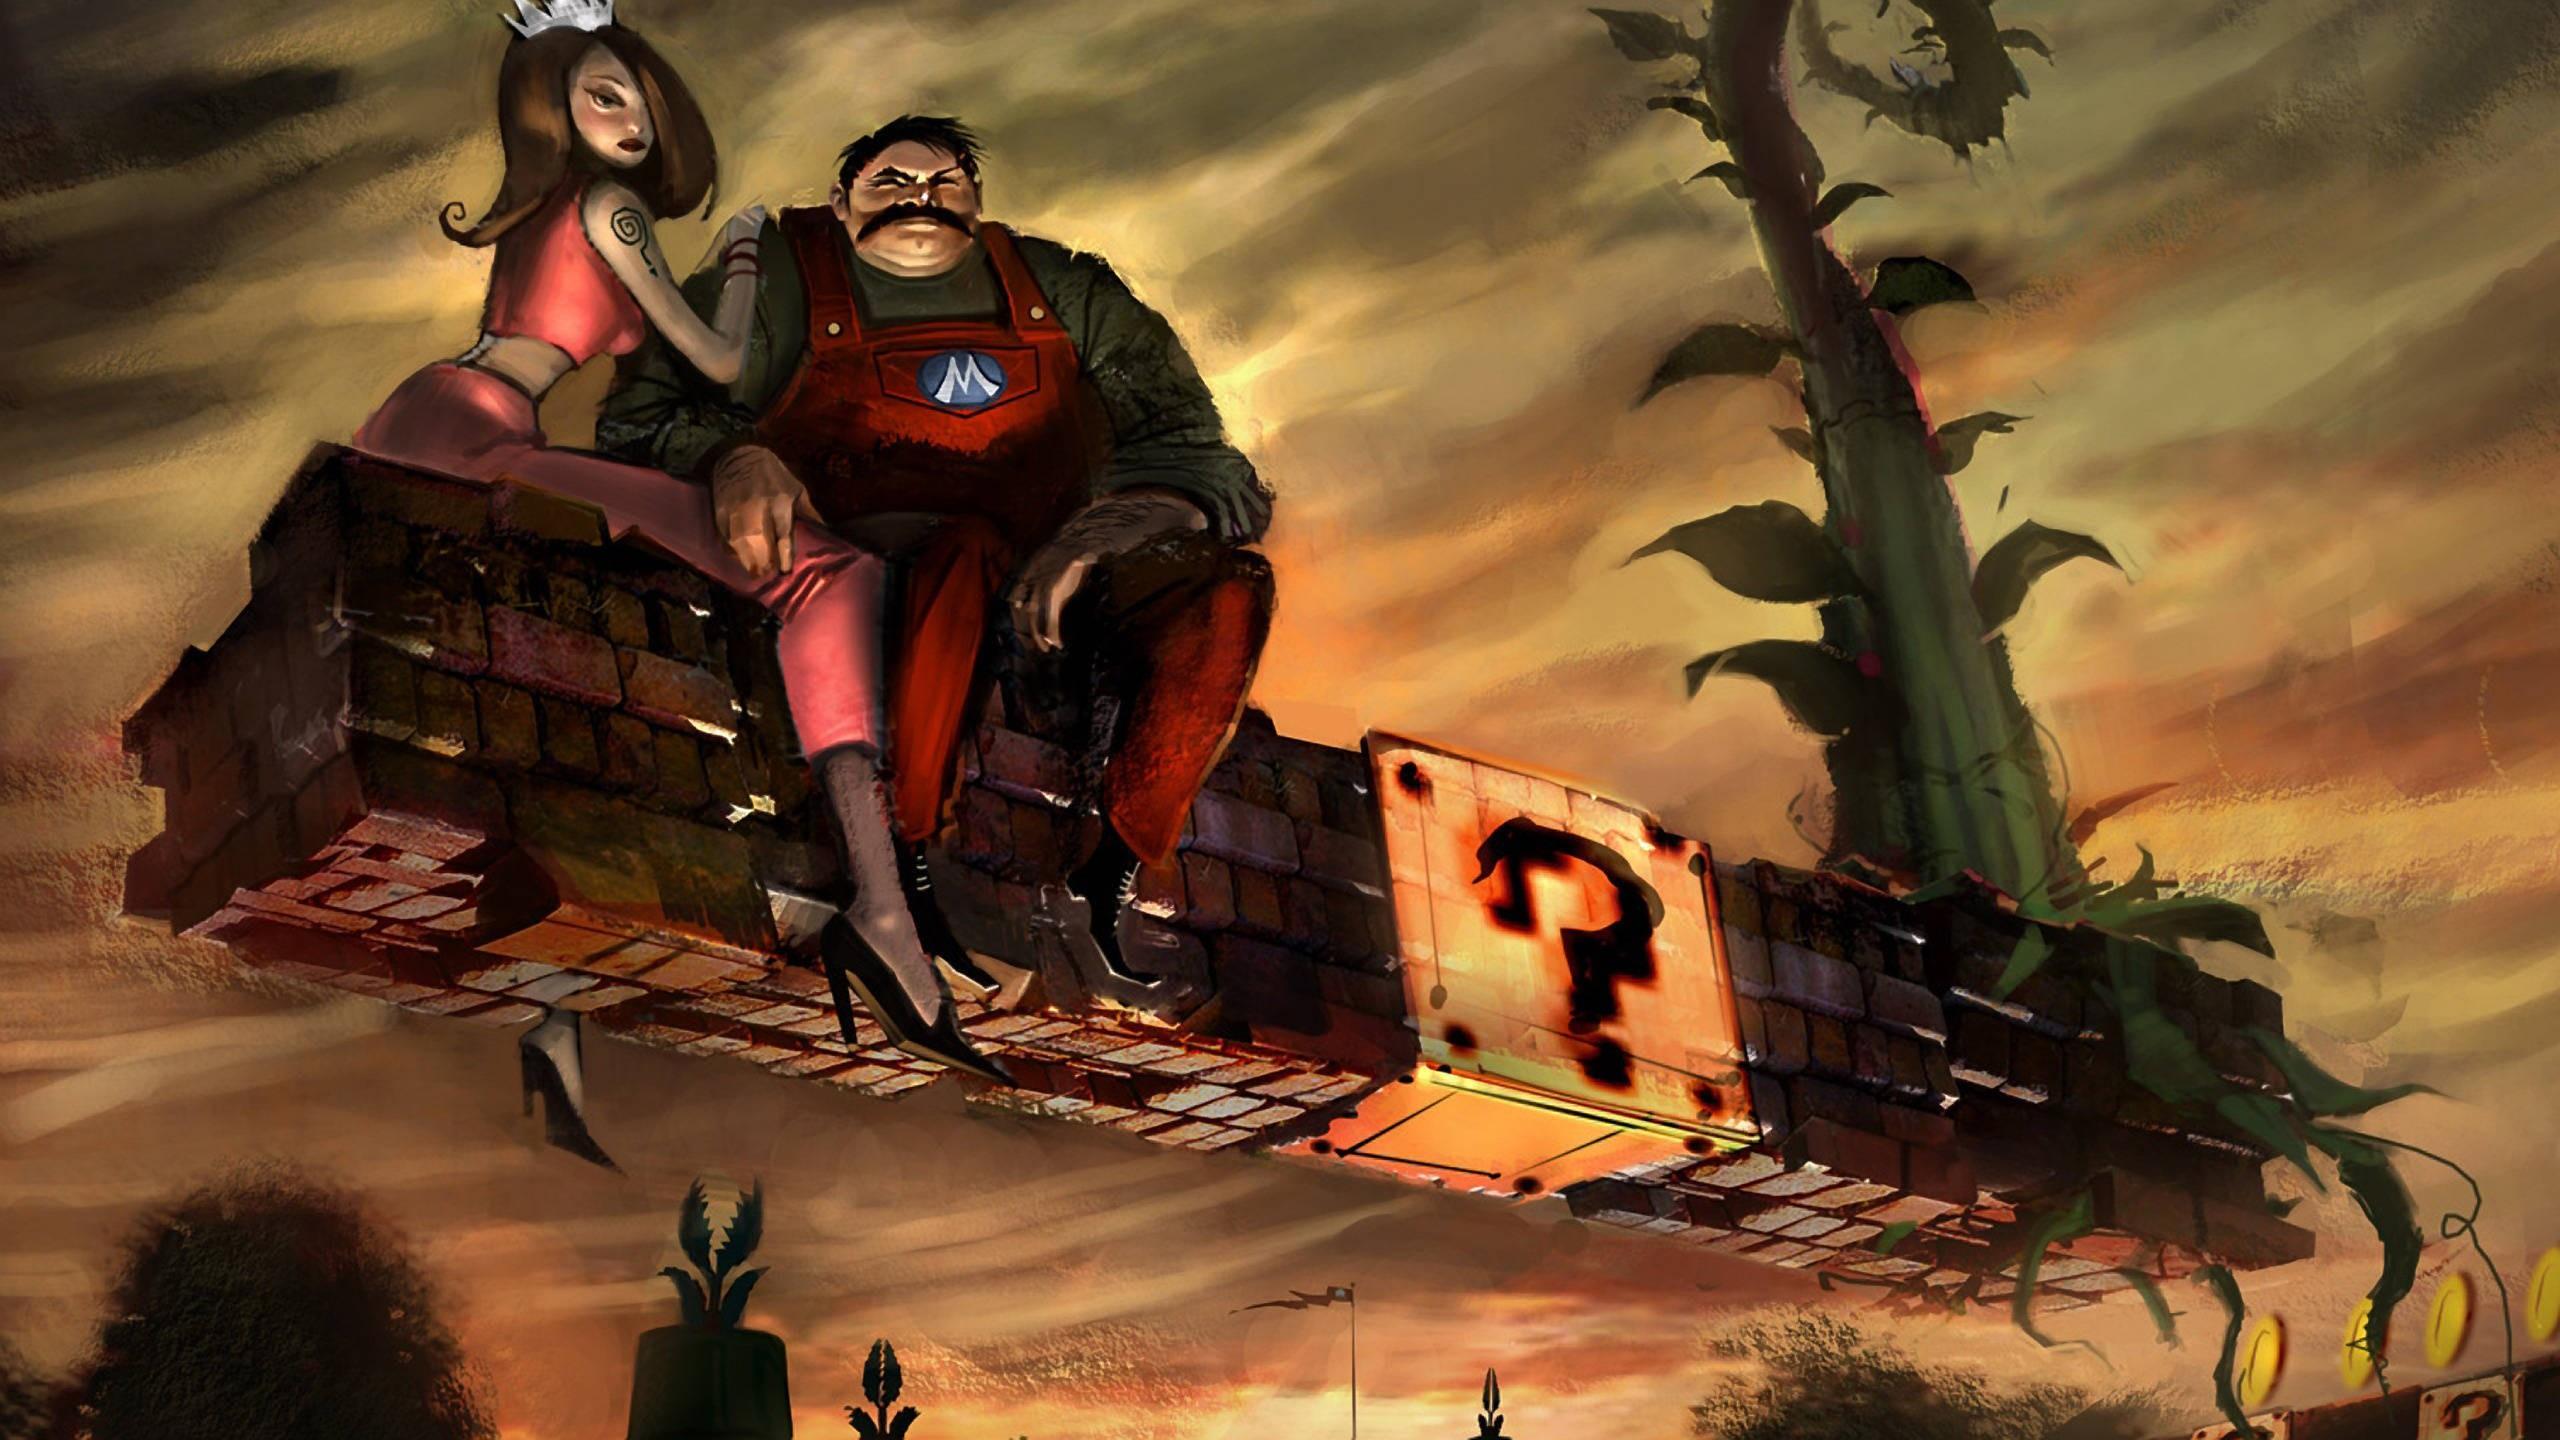 デスクトップ壁紙 図 ビデオゲーム ダーク スーパーマリオ